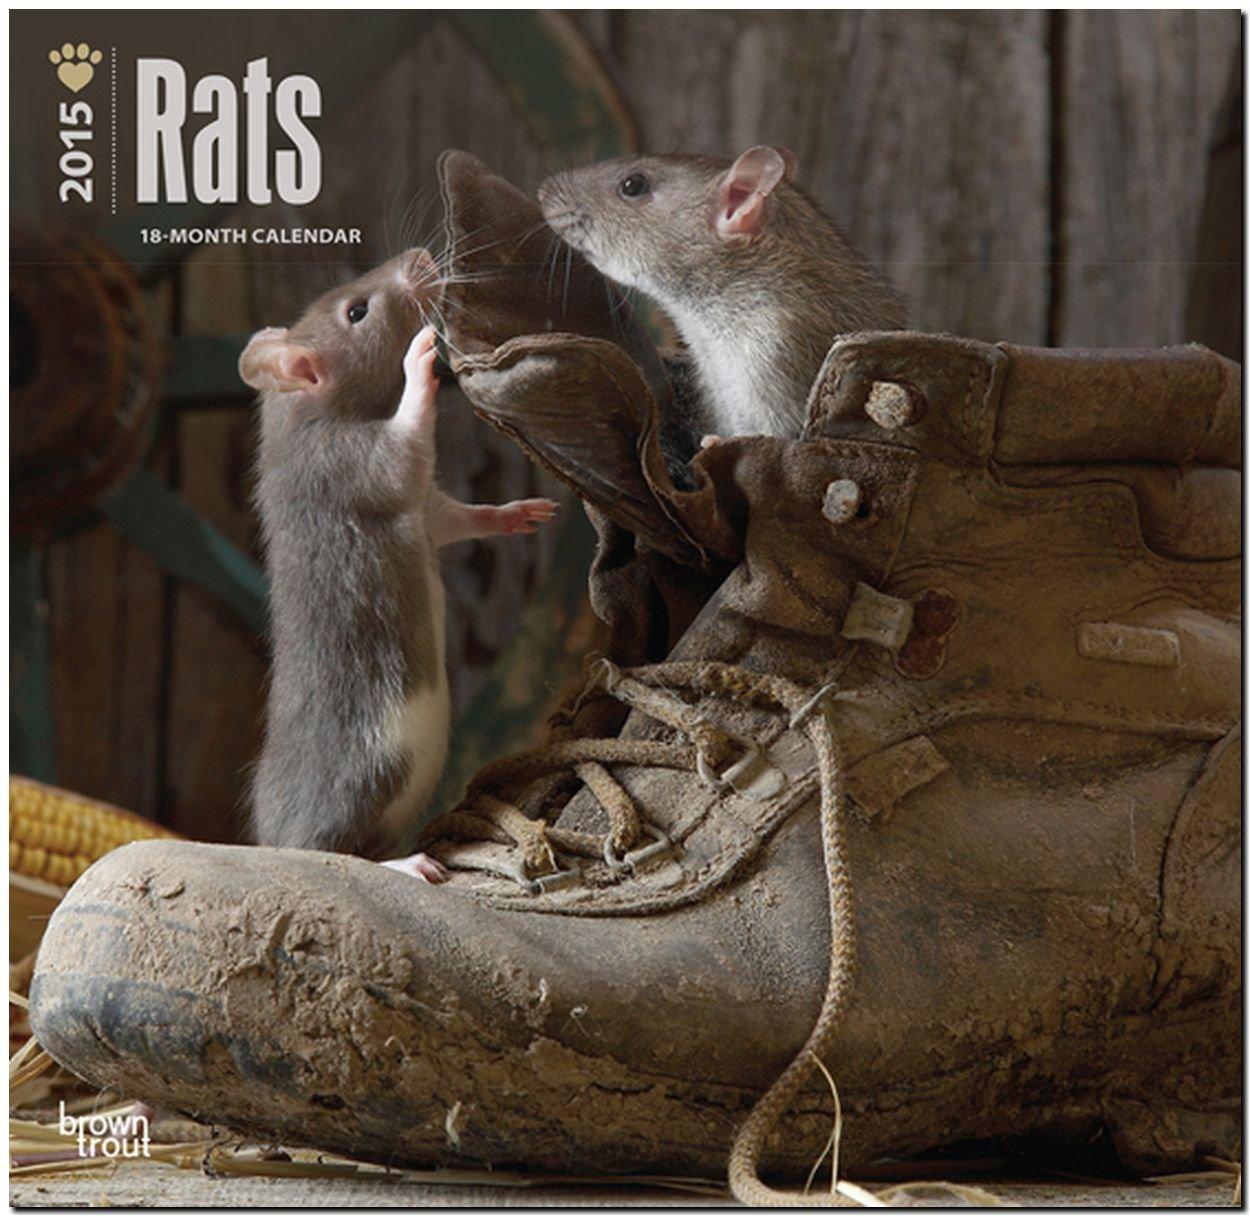 Rats 2015 - Ratten